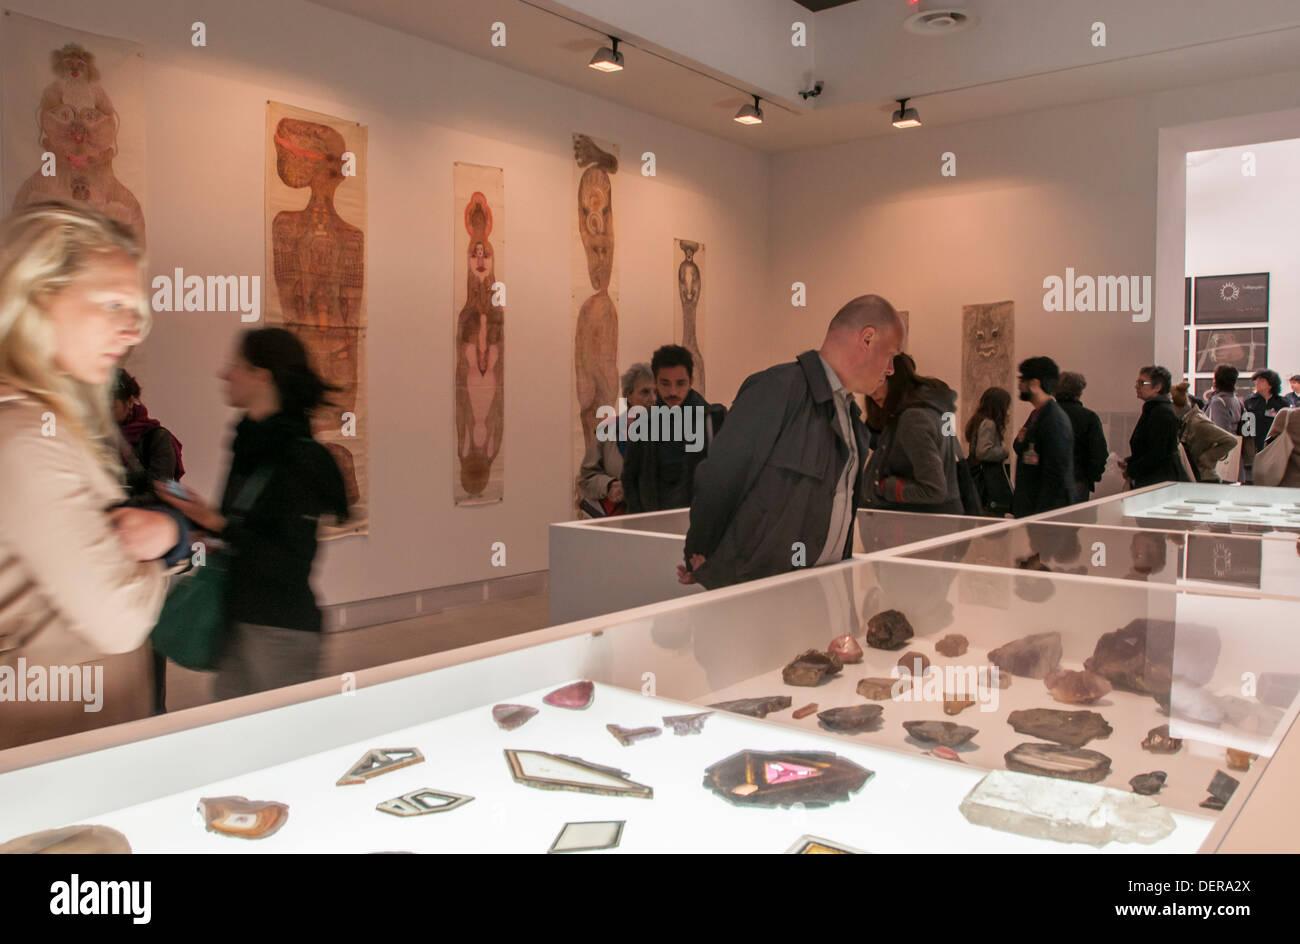 Venice Biennale 2013,' Palazzo enciclopedico' exhibition. - Stock Image